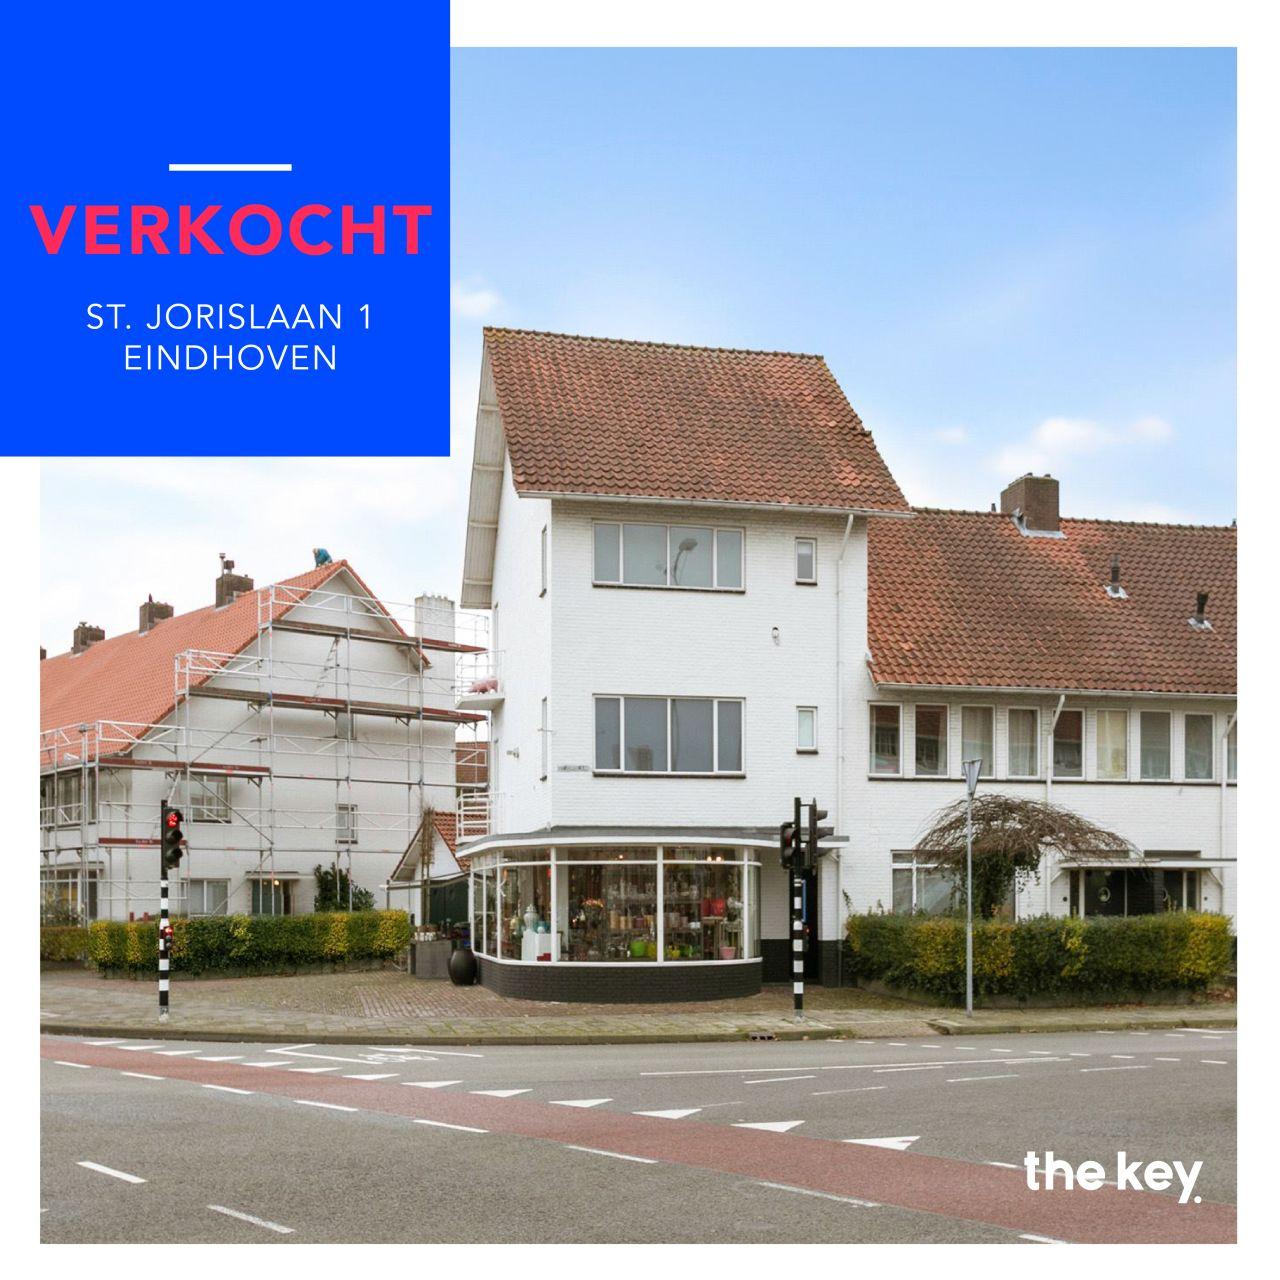 Verkocht Eindhoven